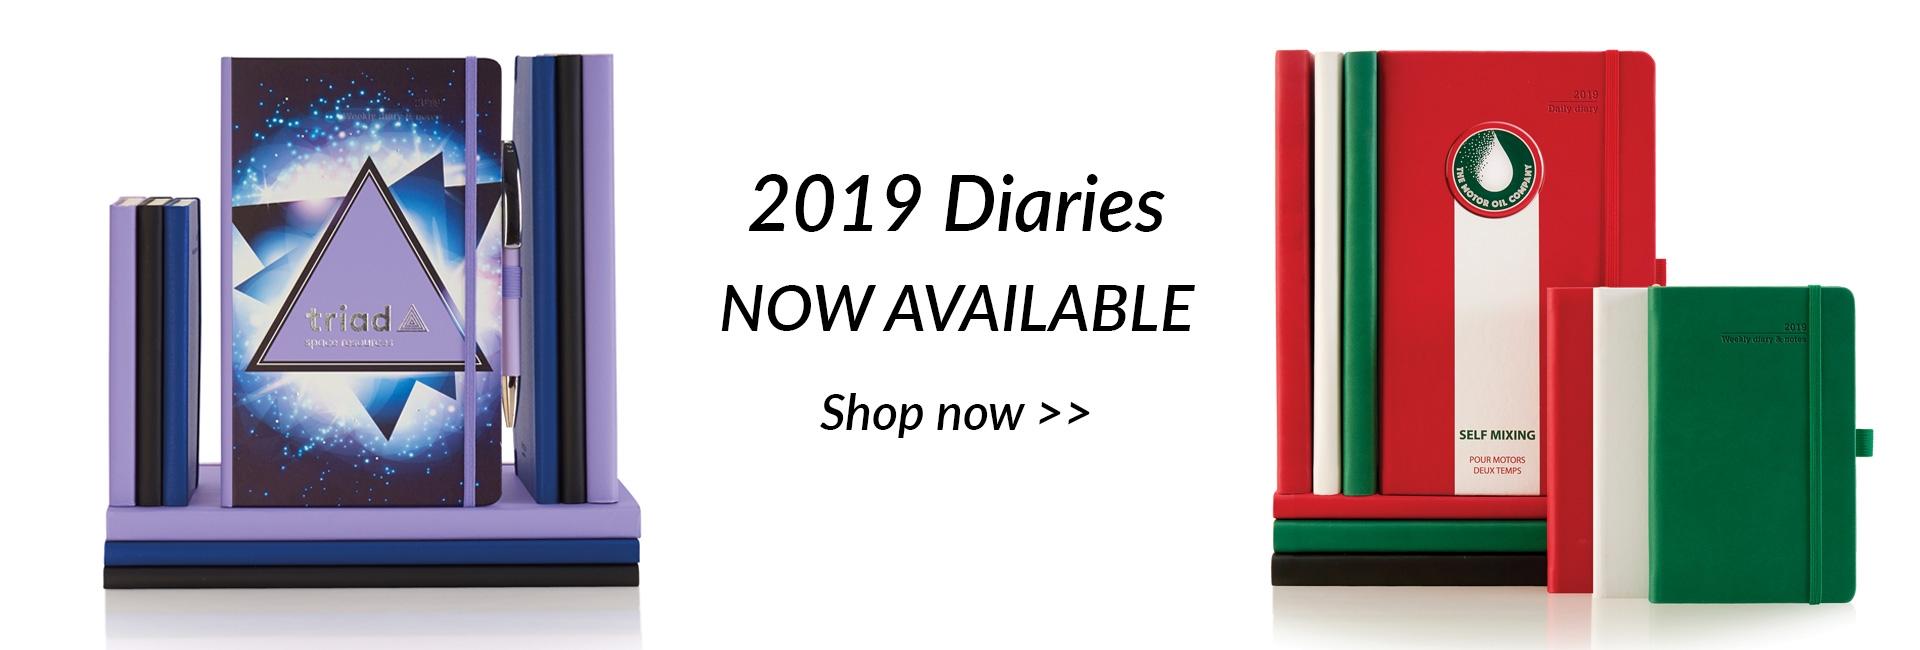 Diaries 2019